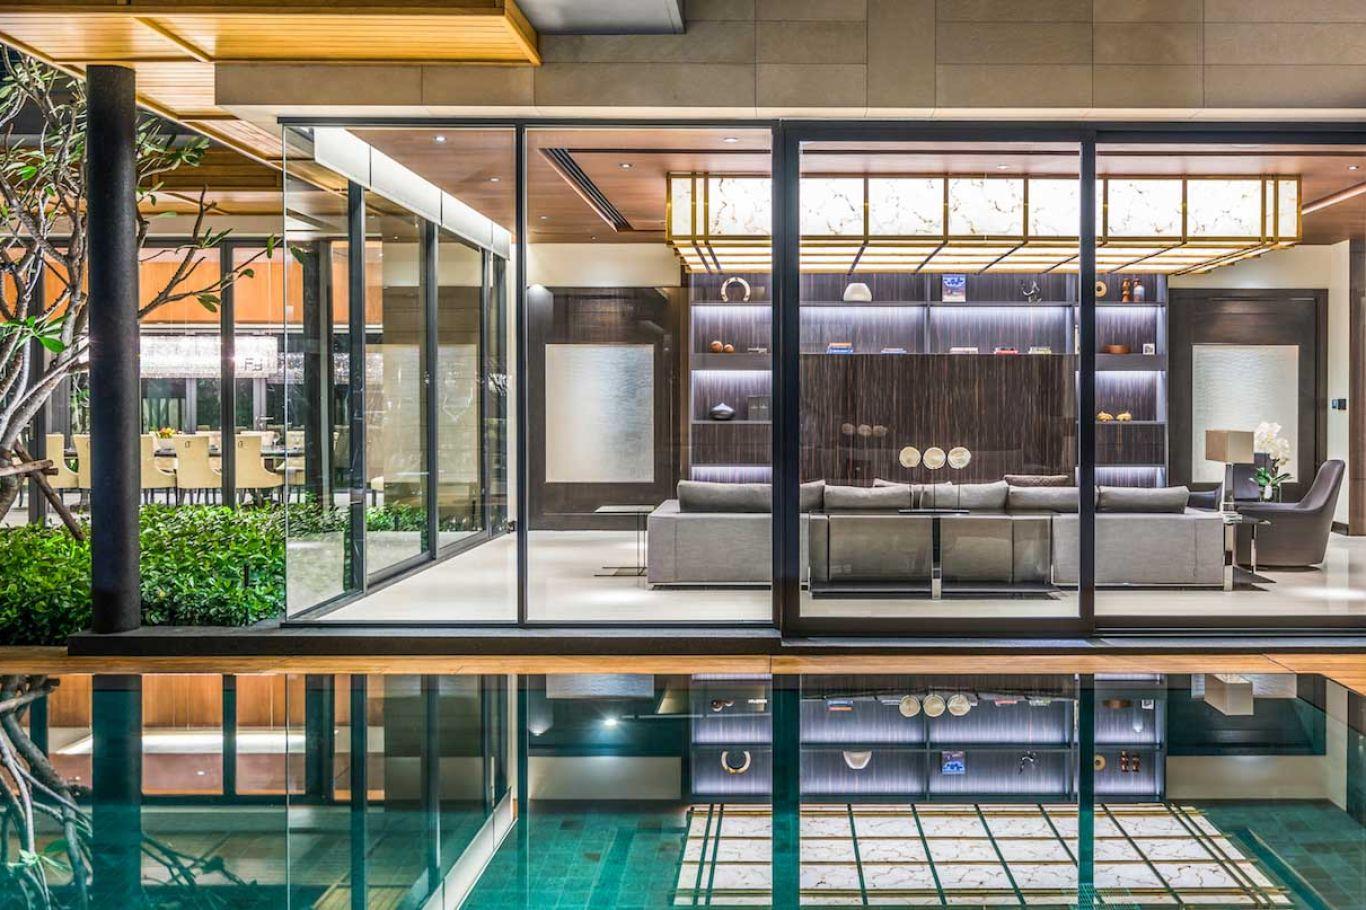 Smart pool controls